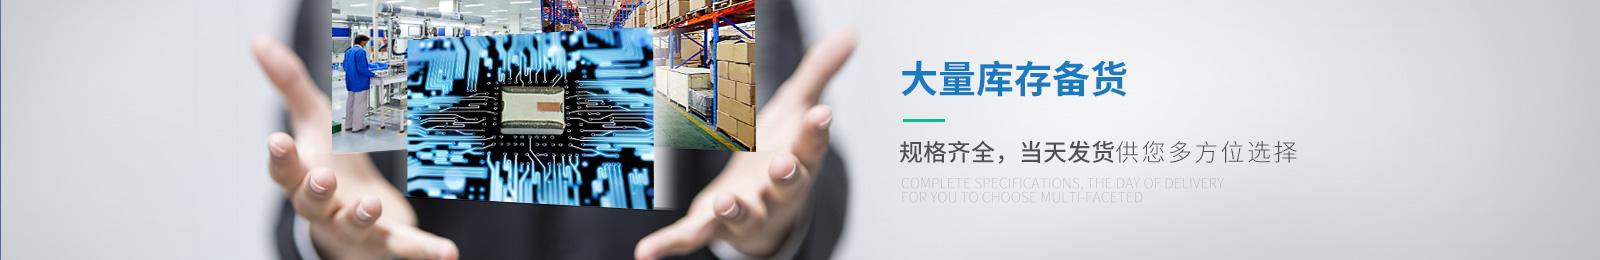 毕天-为您的产品赋能,提升品牌核心竞争力